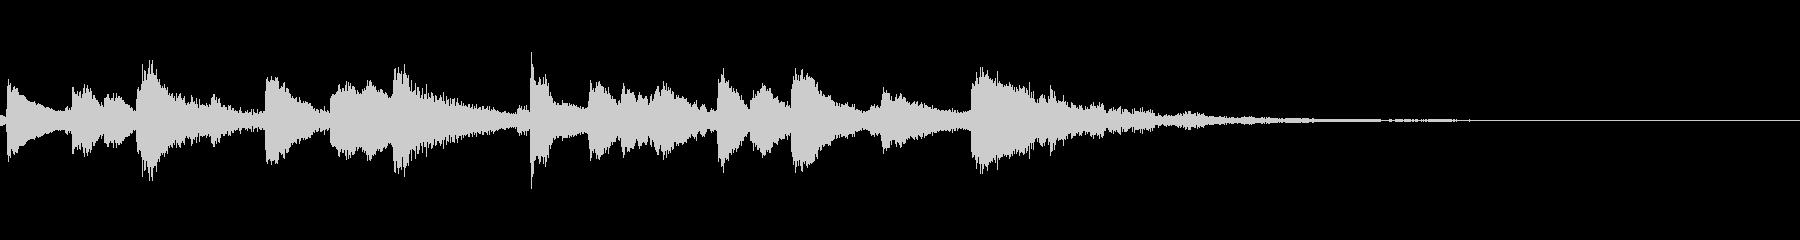 KANTアイキャッチ琴2006041の未再生の波形